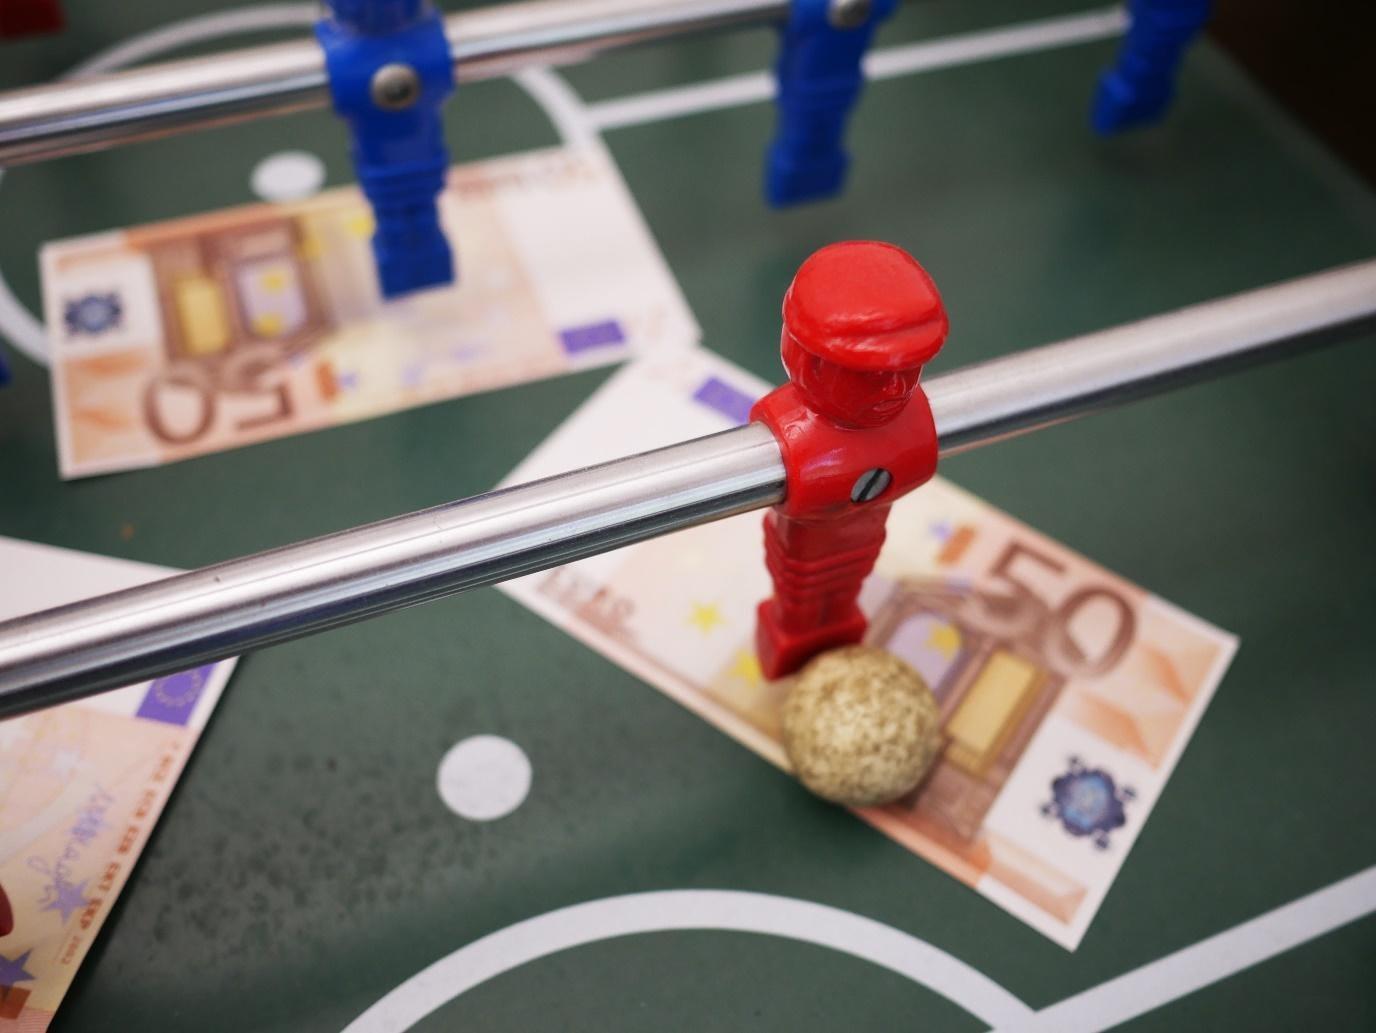 Tischfußball mit Spielfiguren auf 50-Euro-Scheinen